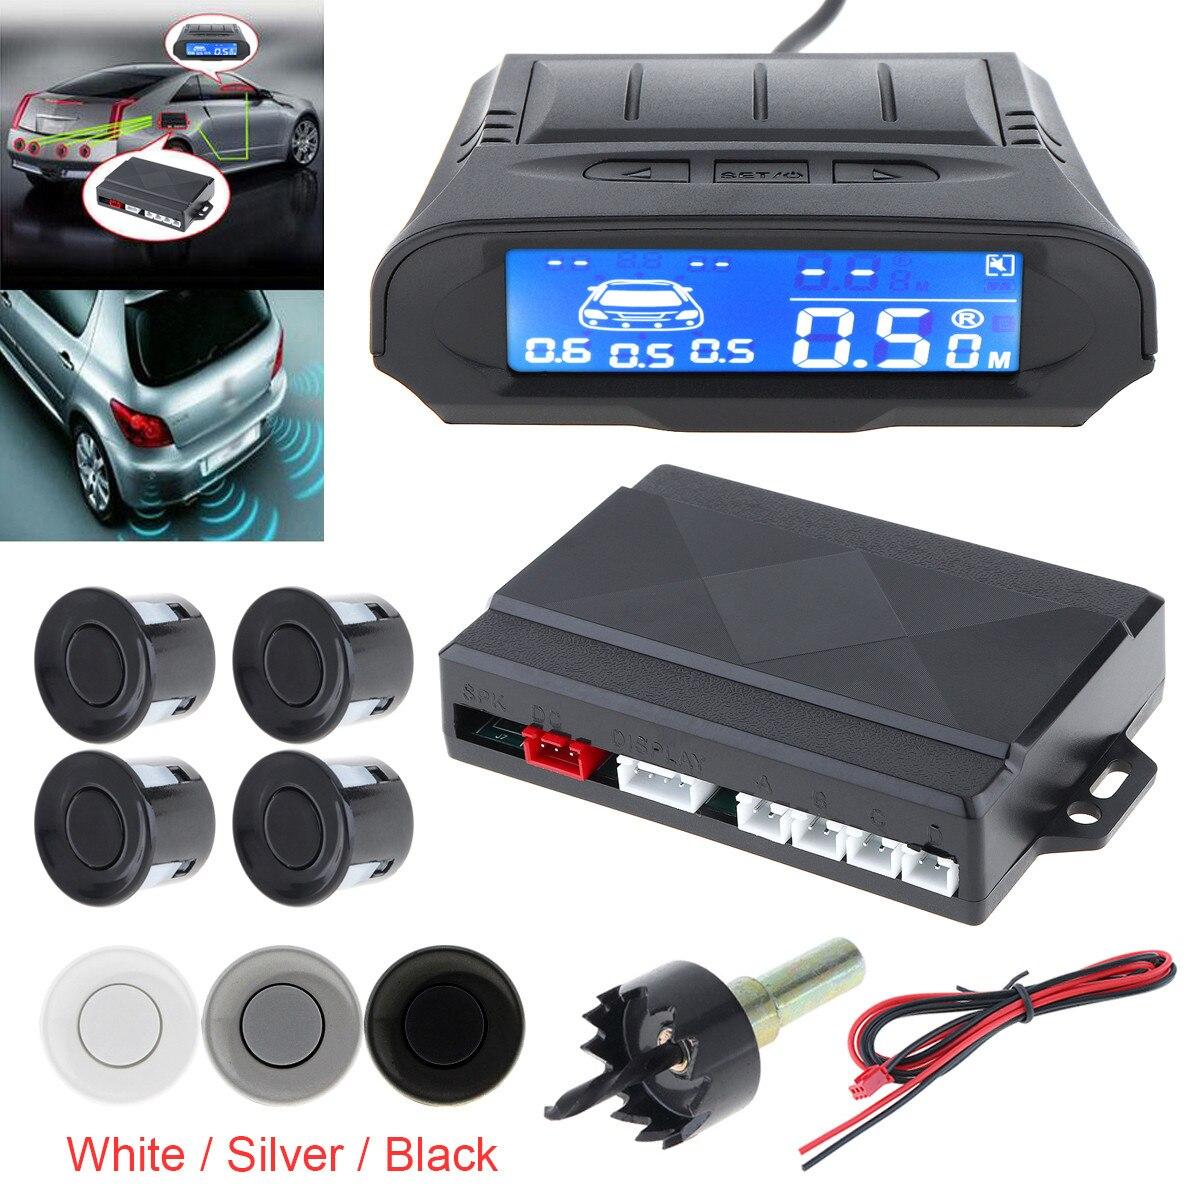 Moniteur de voiture universel à Distance numérique capteur de stationnement Auto 4 capteurs indicateur d'alarme système de détecteur de Radar de sauvegarde inverse